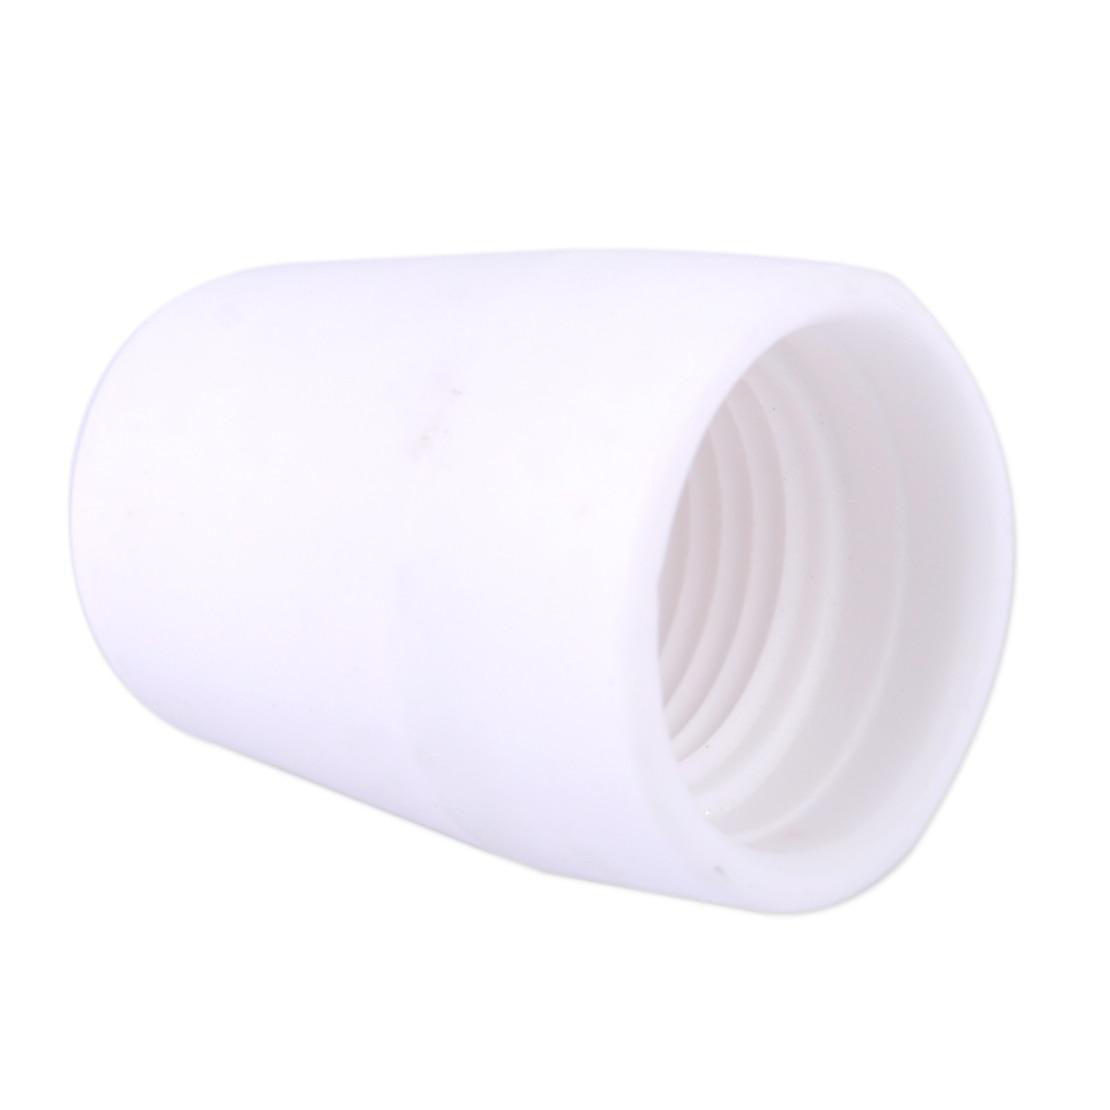 Shield LG-40 Accessories CUT40 Plasma Torch PT-31 LETAOSK CUT50 Fit for Cups 50pcs Cutting Ceramics Cutter